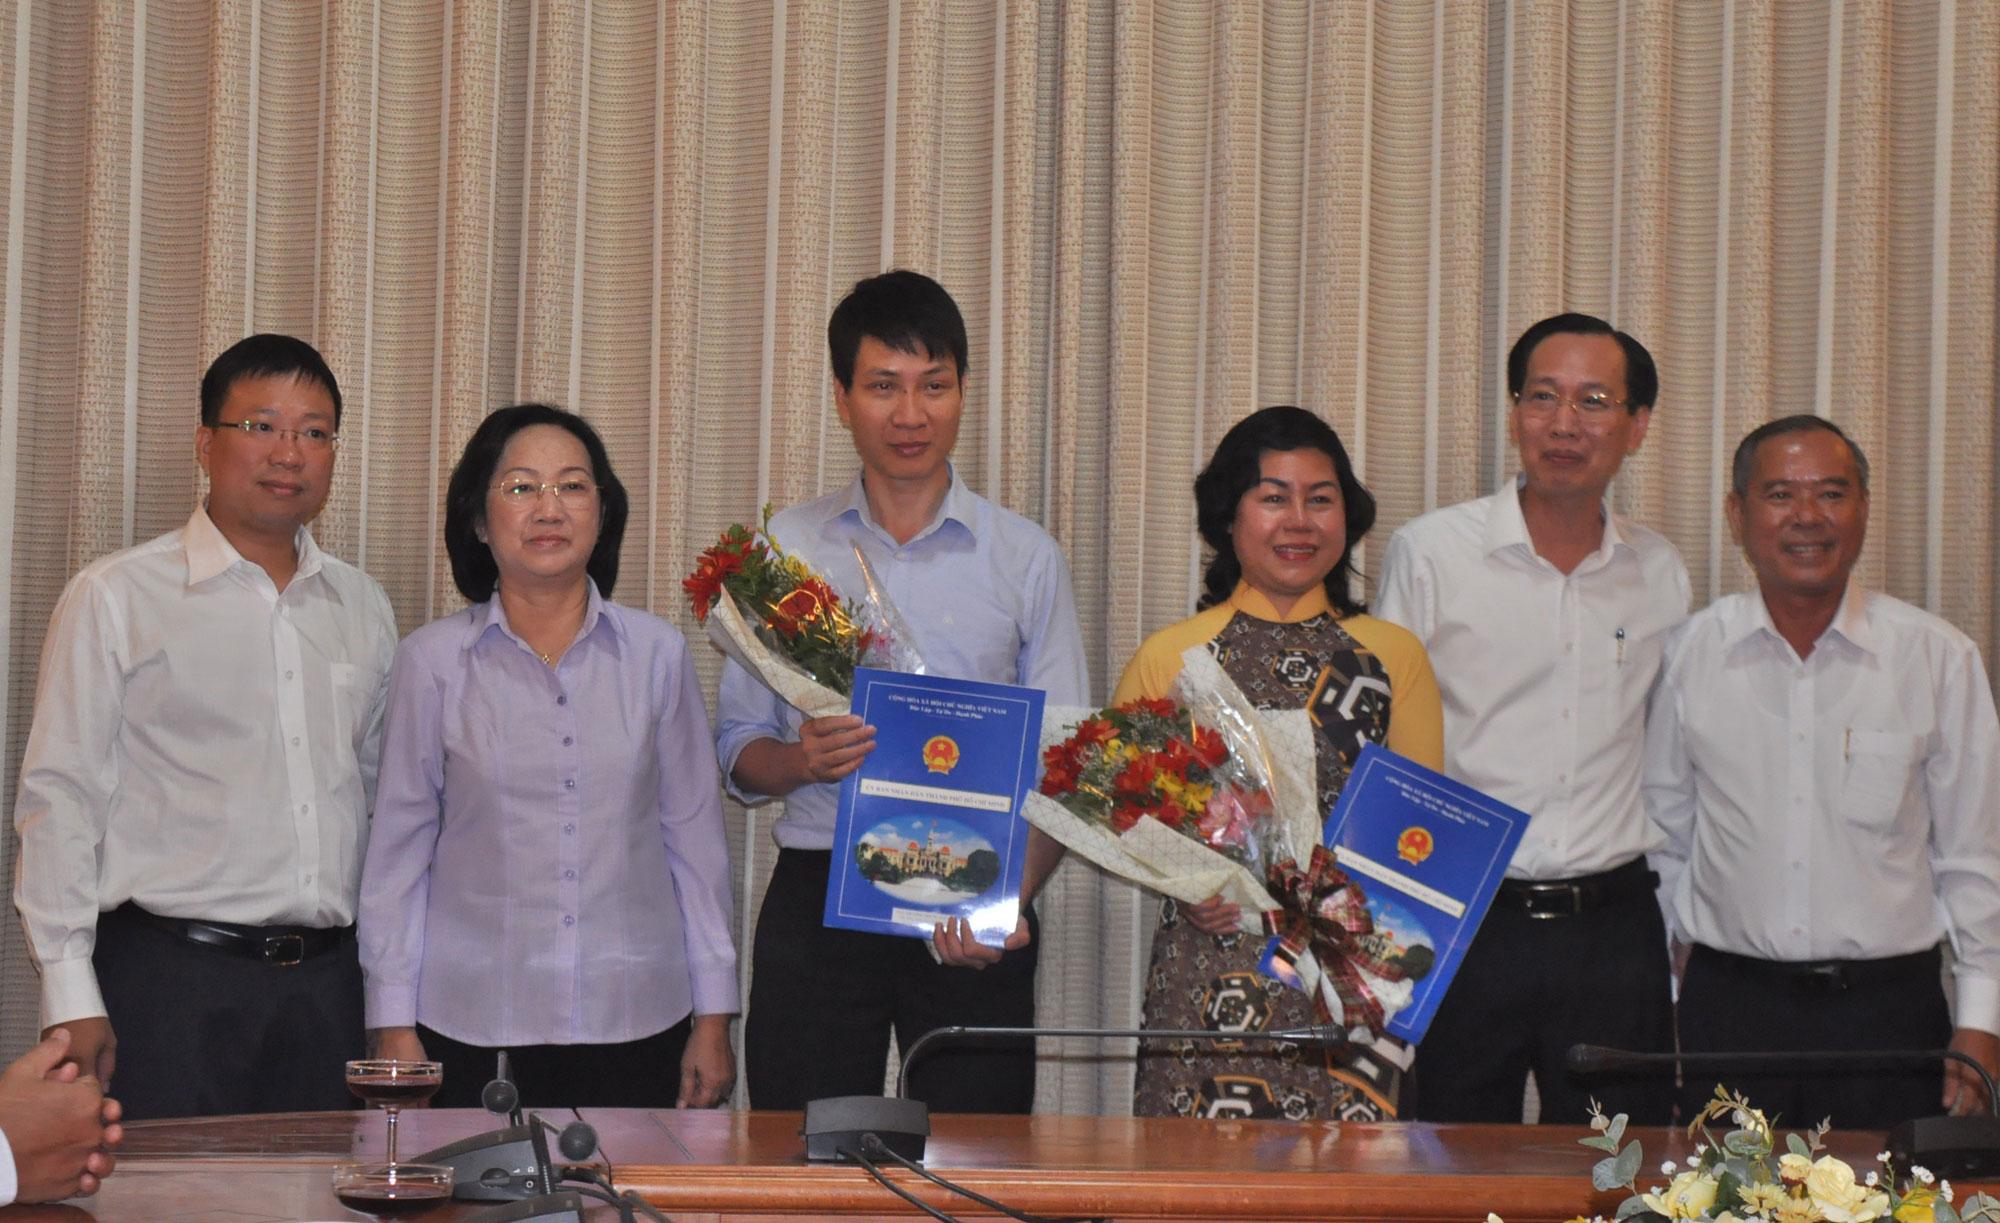 Lãnh đạo UBND TP và HĐND TP chúc mừng ông Trương Trung Kiên và bà Trần Hải Yến nhận nhiệm vụ mới